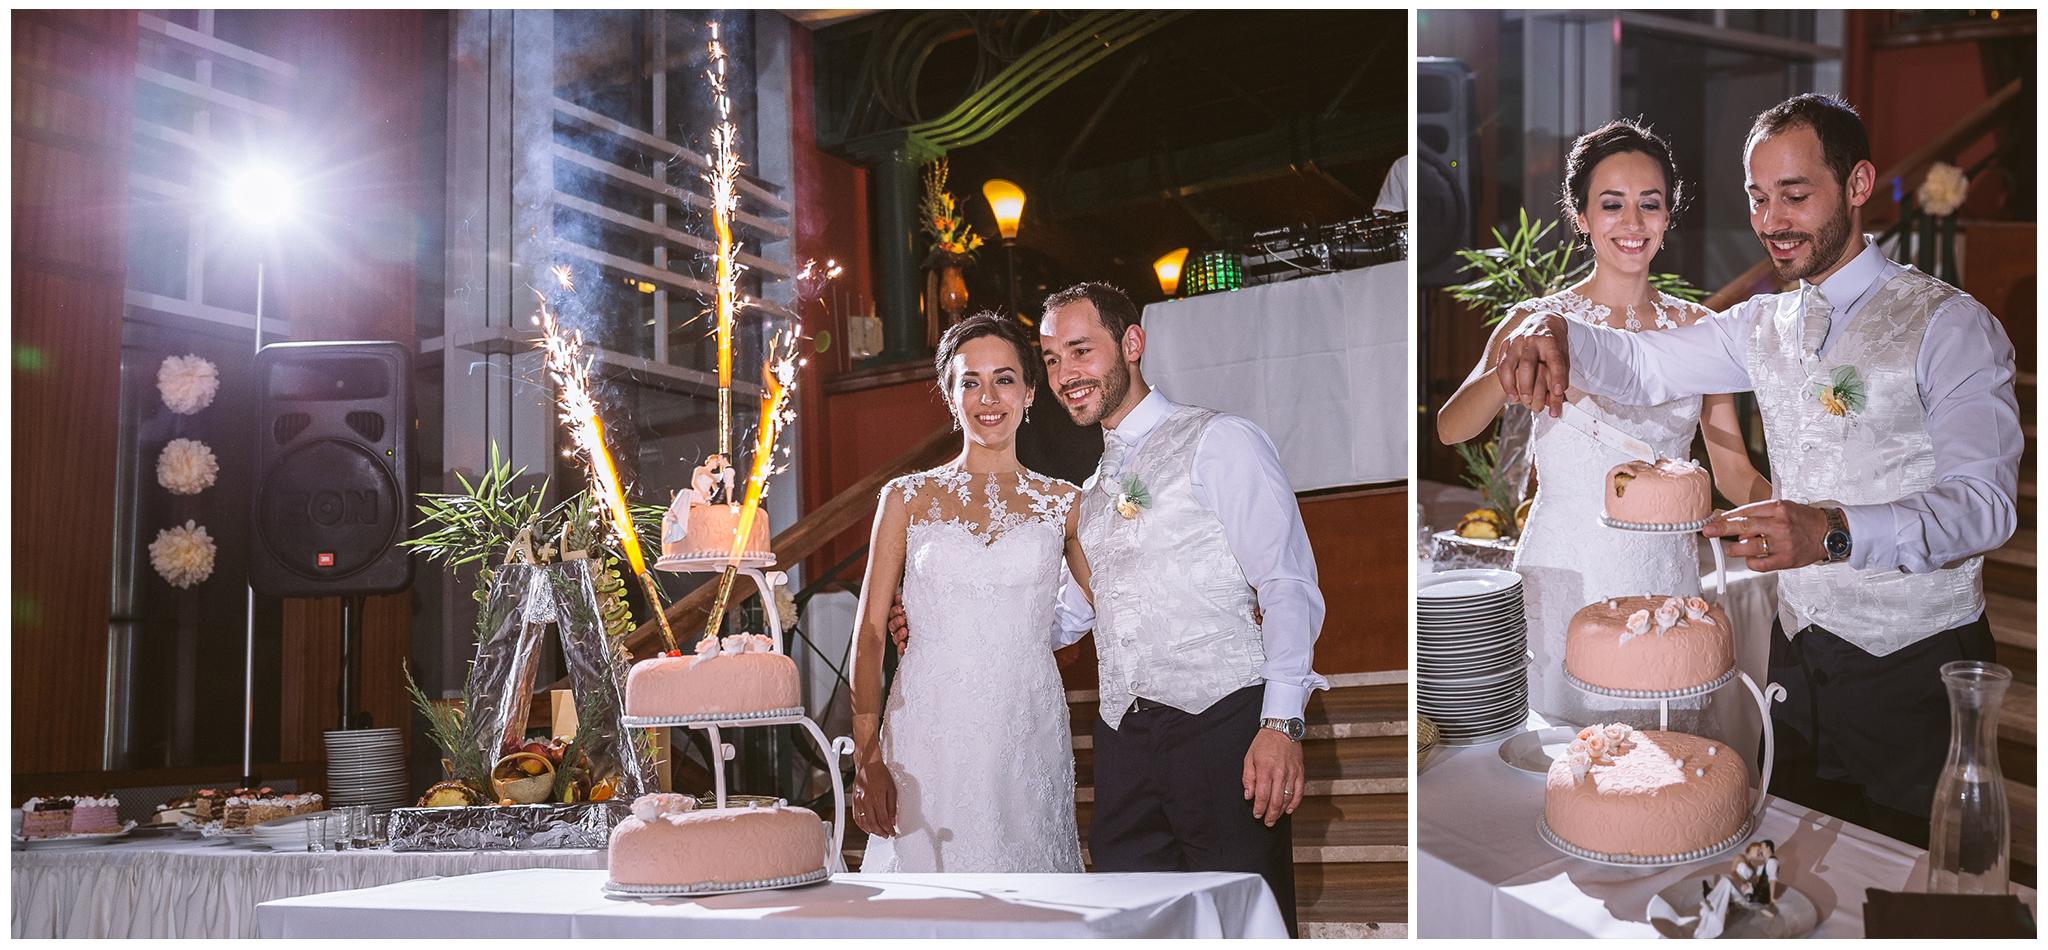 FylepPhoto, esküvőfotós, esküvői fotós Körmend, Szombathely, esküvőfotózás, magyarország, vas megye, prémium, jegyesfotózás, Fülöp Péter, körmend, kreatív, fotográfus_047.jpg